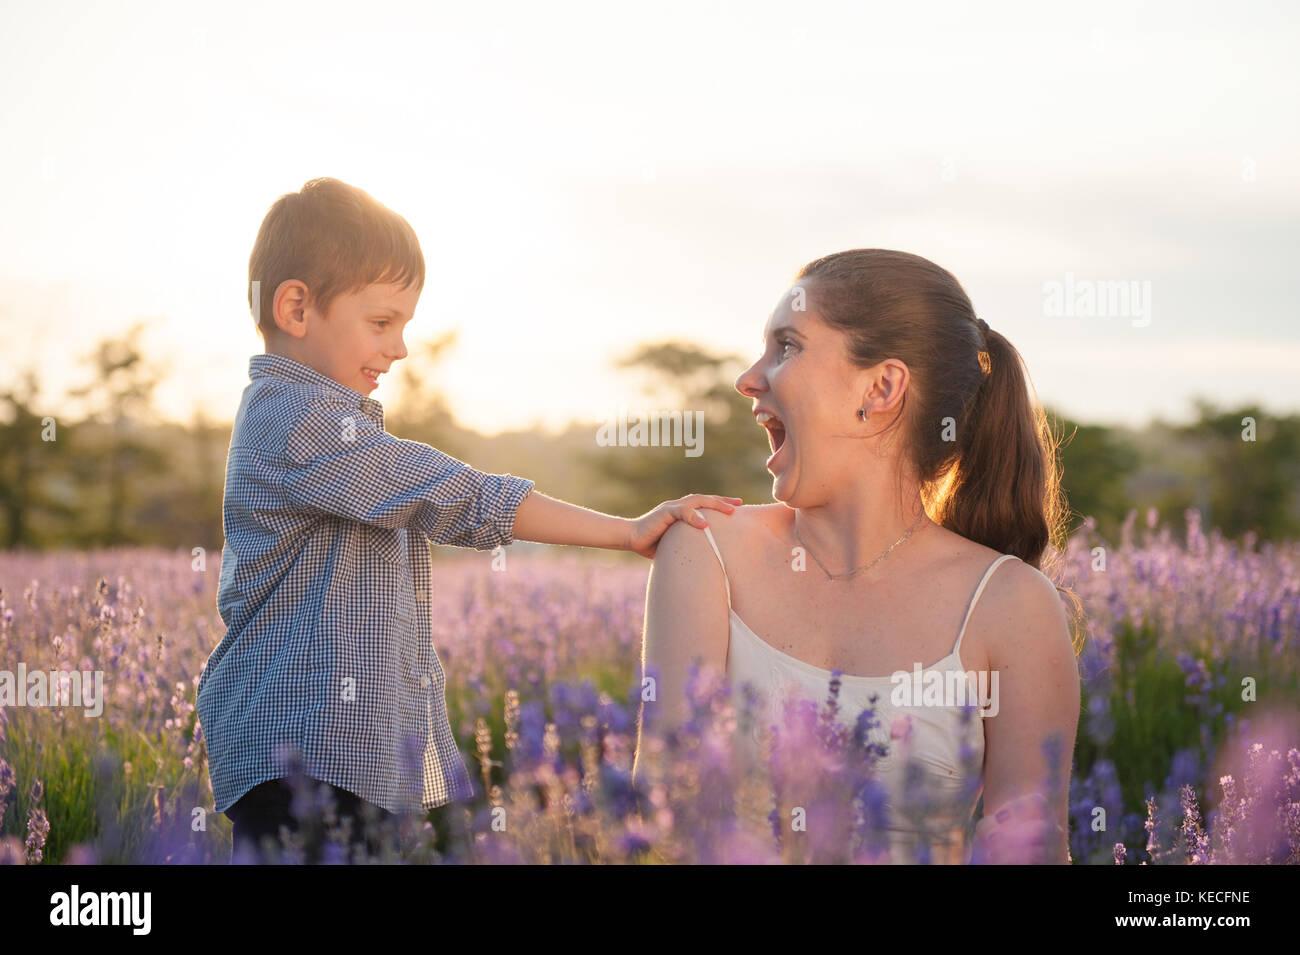 Hermosa emocional madre e hijo tocando su hombro con ternura en el campo de lavanda púrpura en verano cálido Imagen De Stock